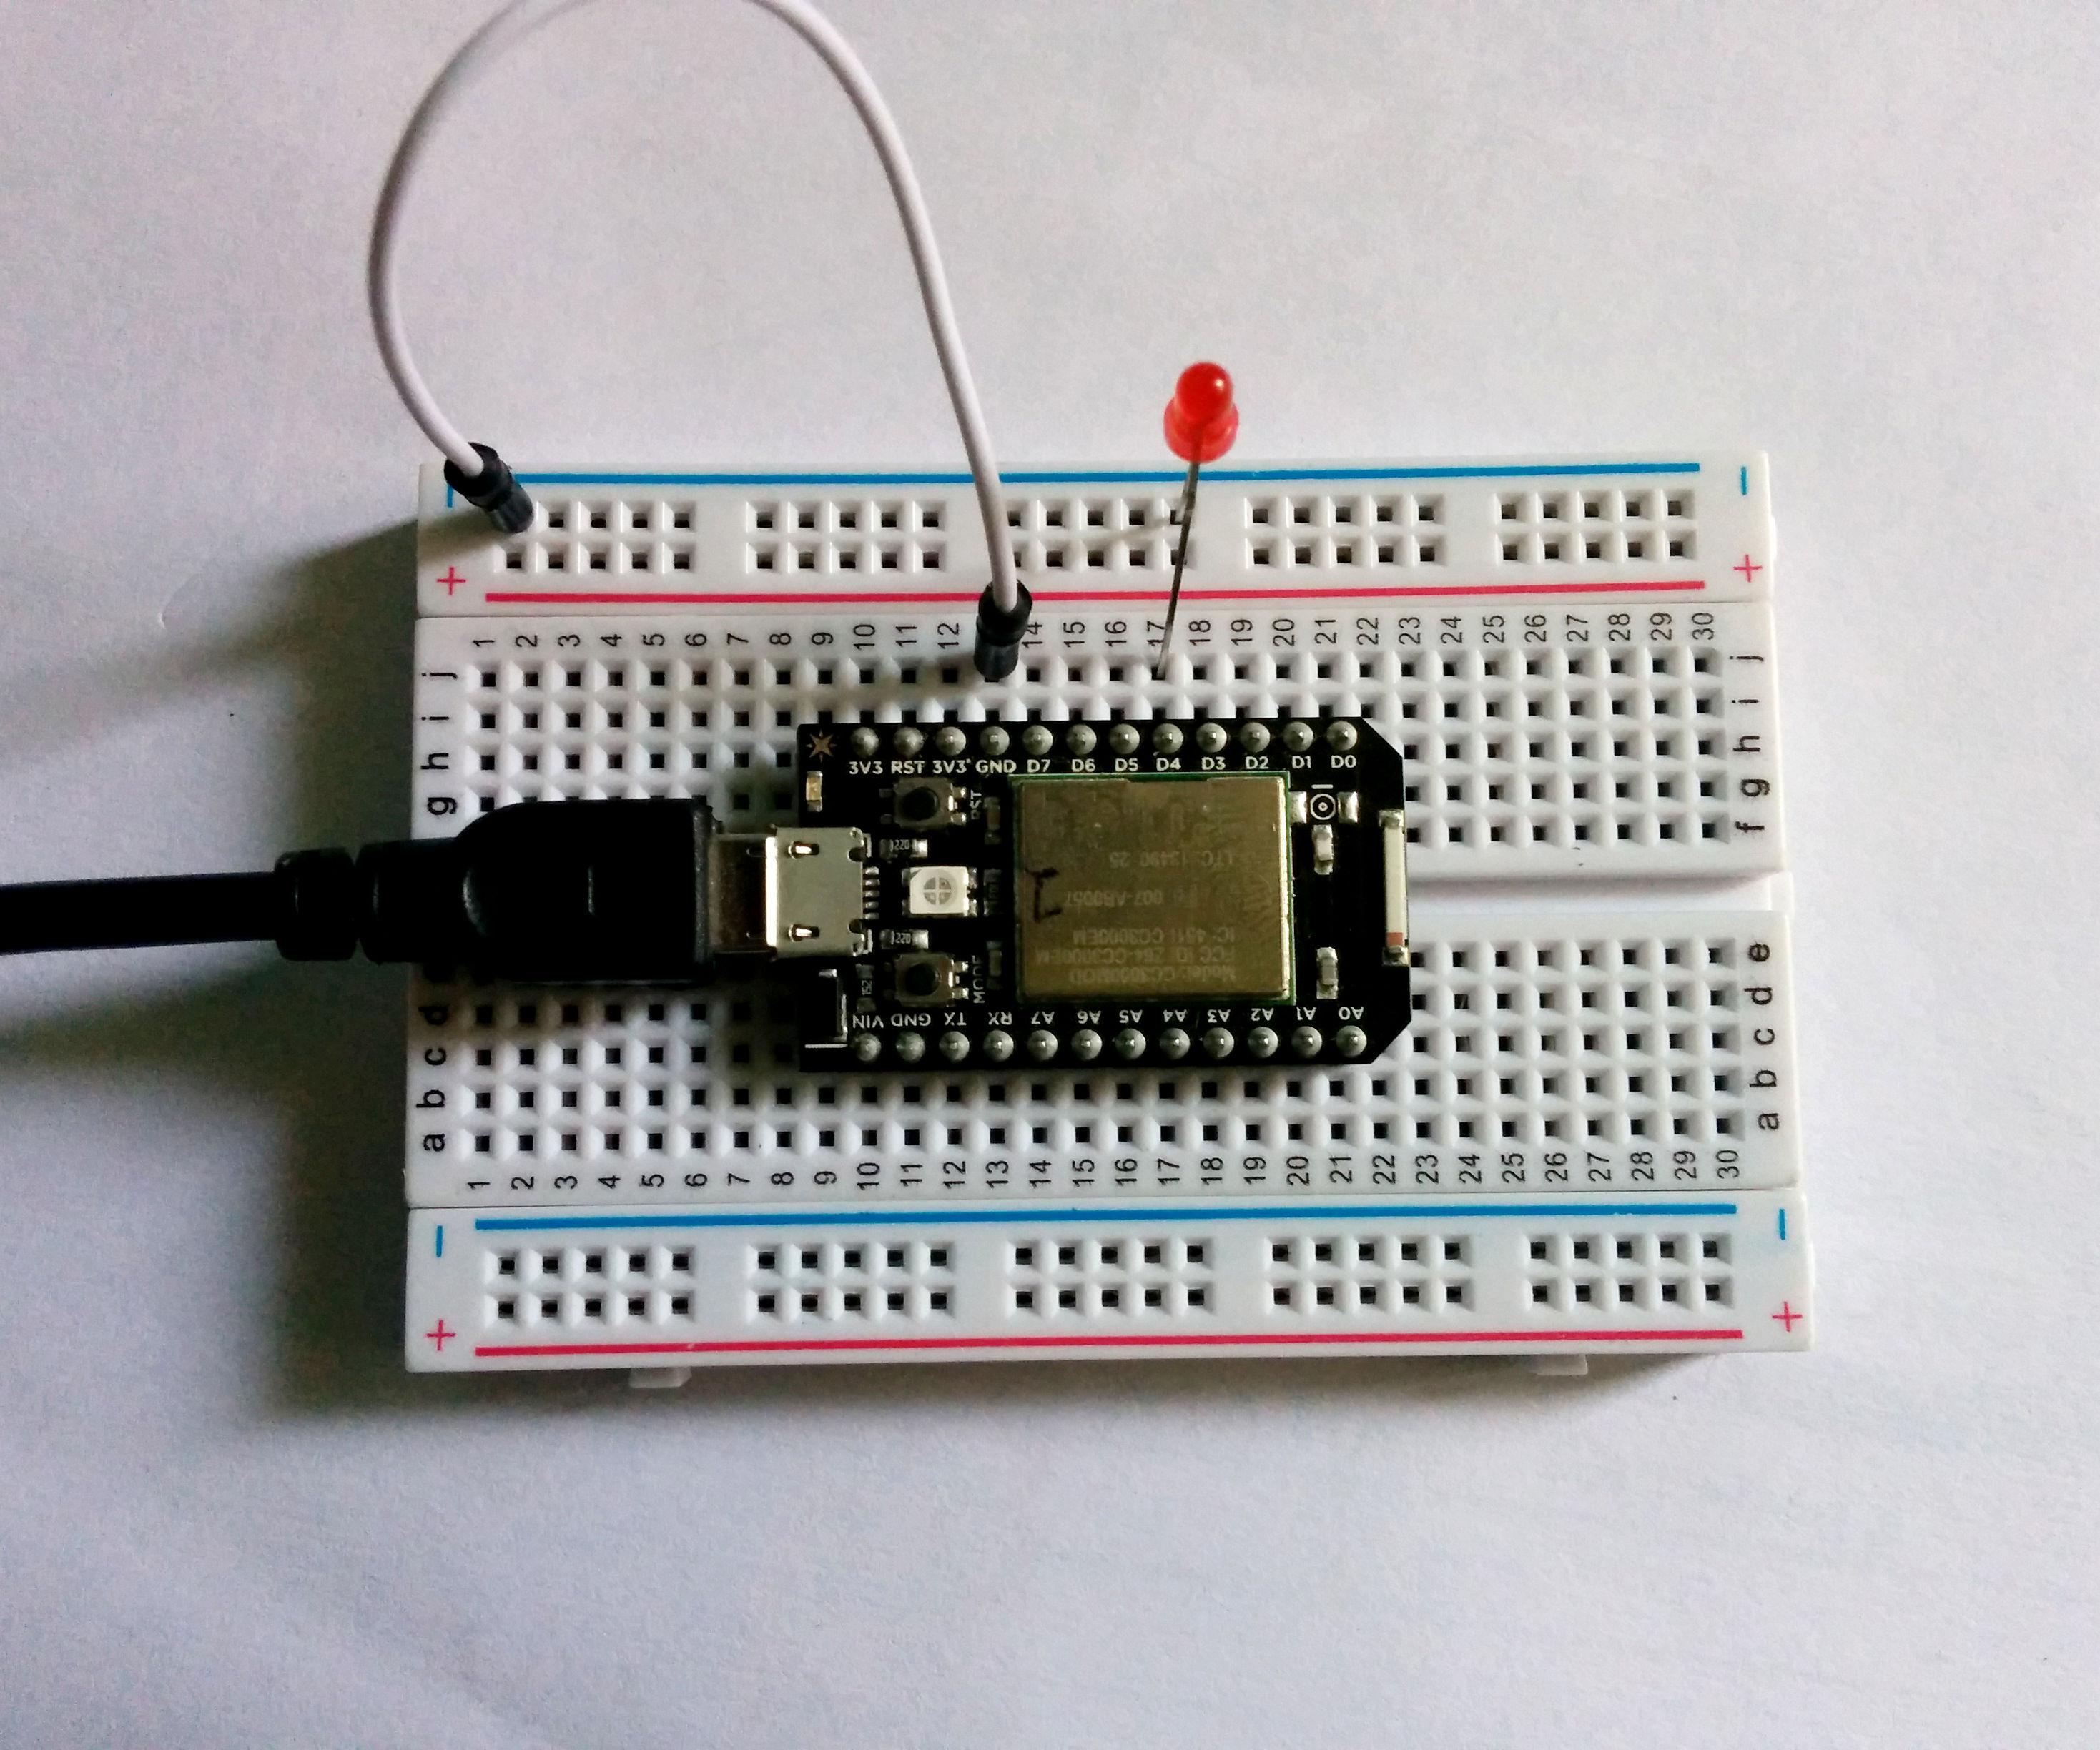 Spark Core -101- Blinking LEDs